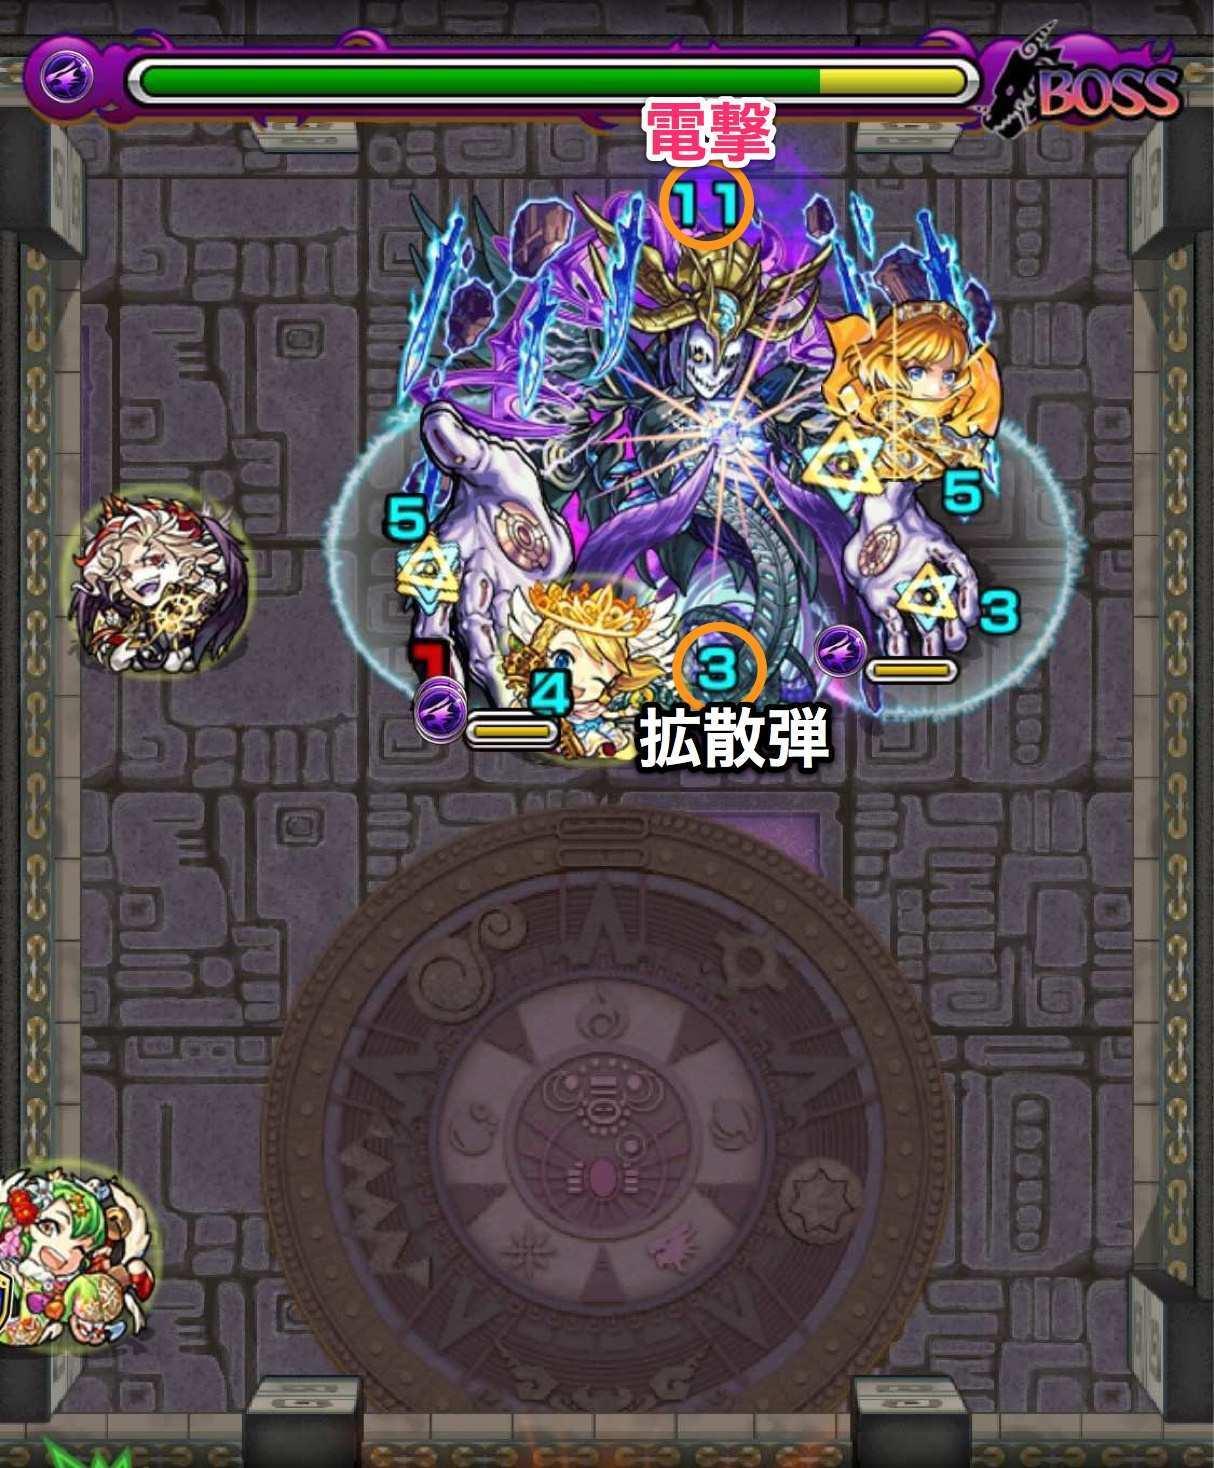 覇者の塔40階のボス3攻略.jpg